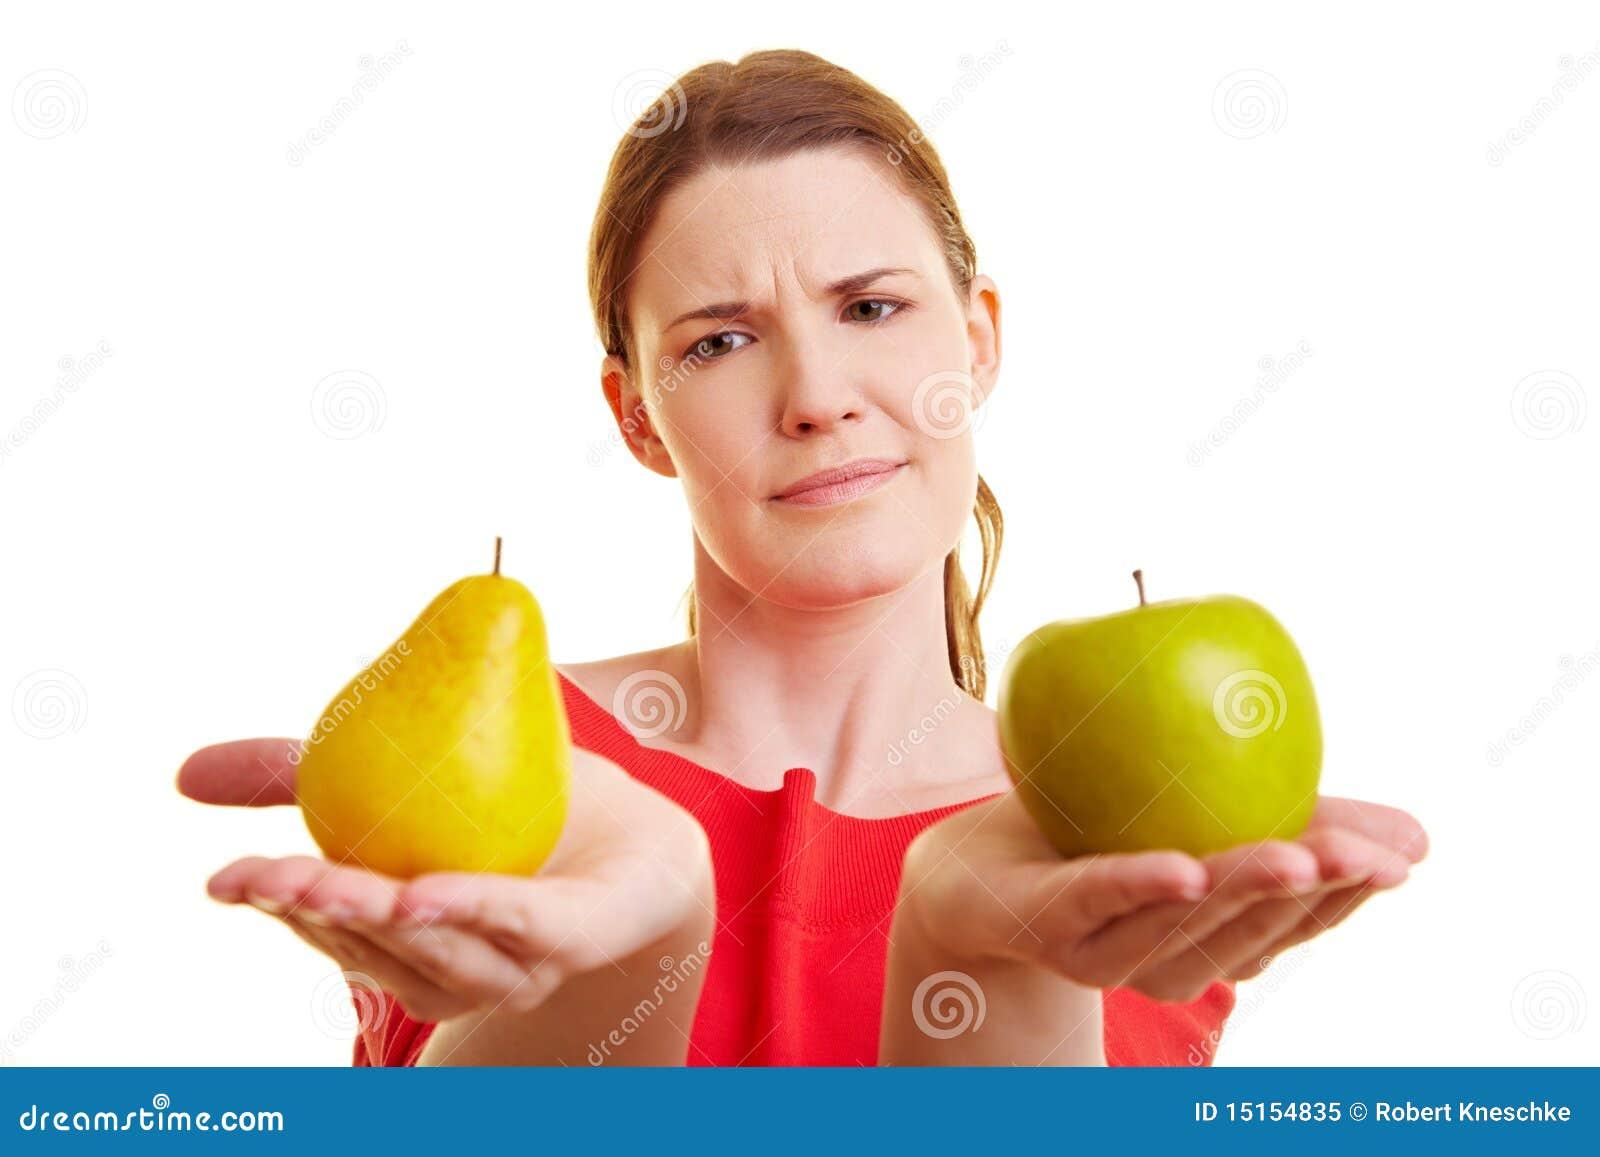 äpple som jämför pearkvinnan